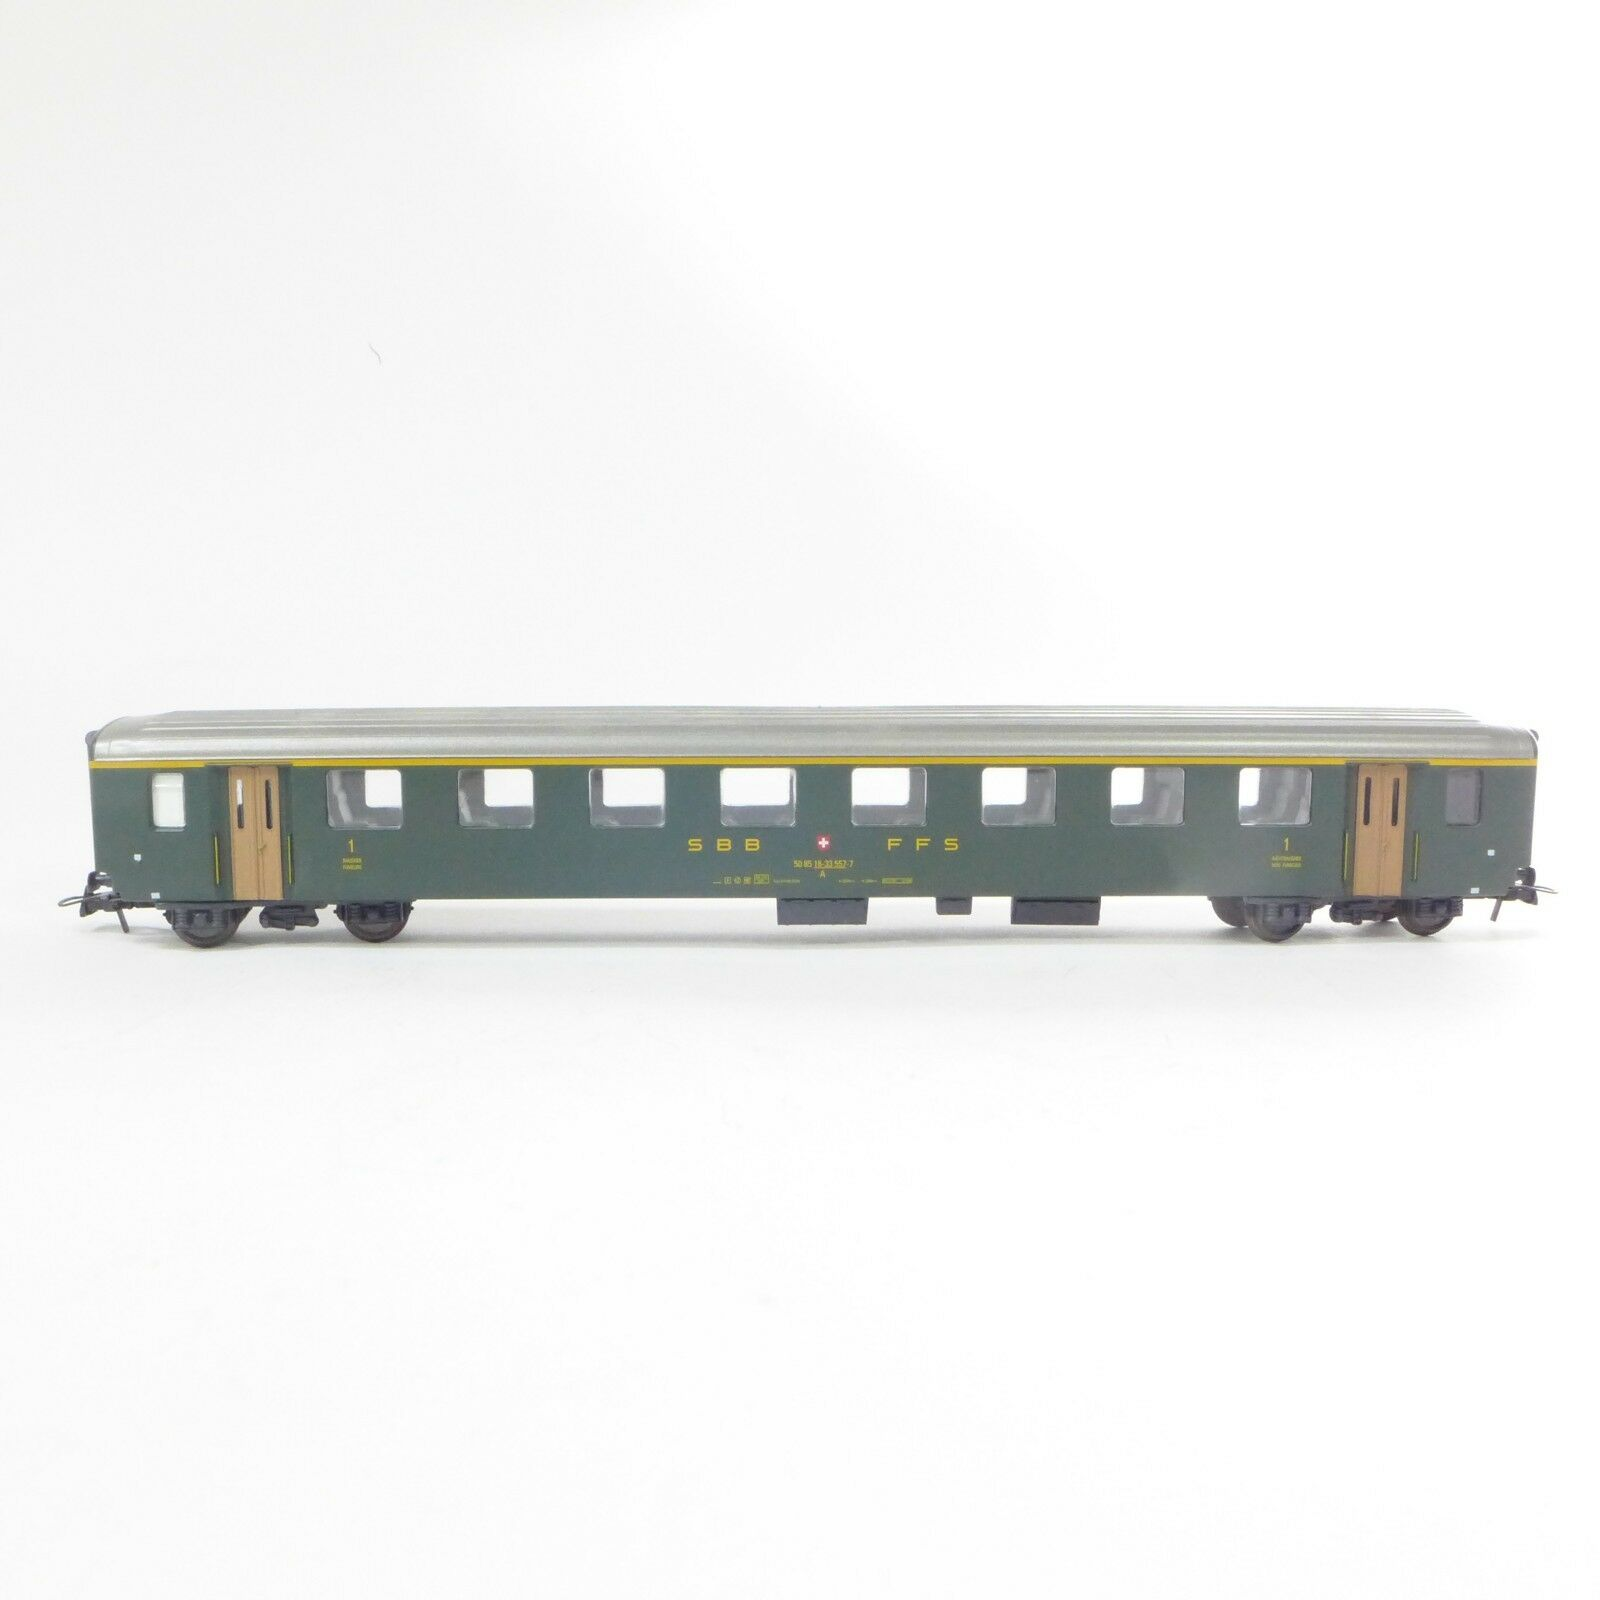 Jahr HAG Swiss Made HO Scale SBB CFF Grün Passenger voiture Train Vehicle 11.25